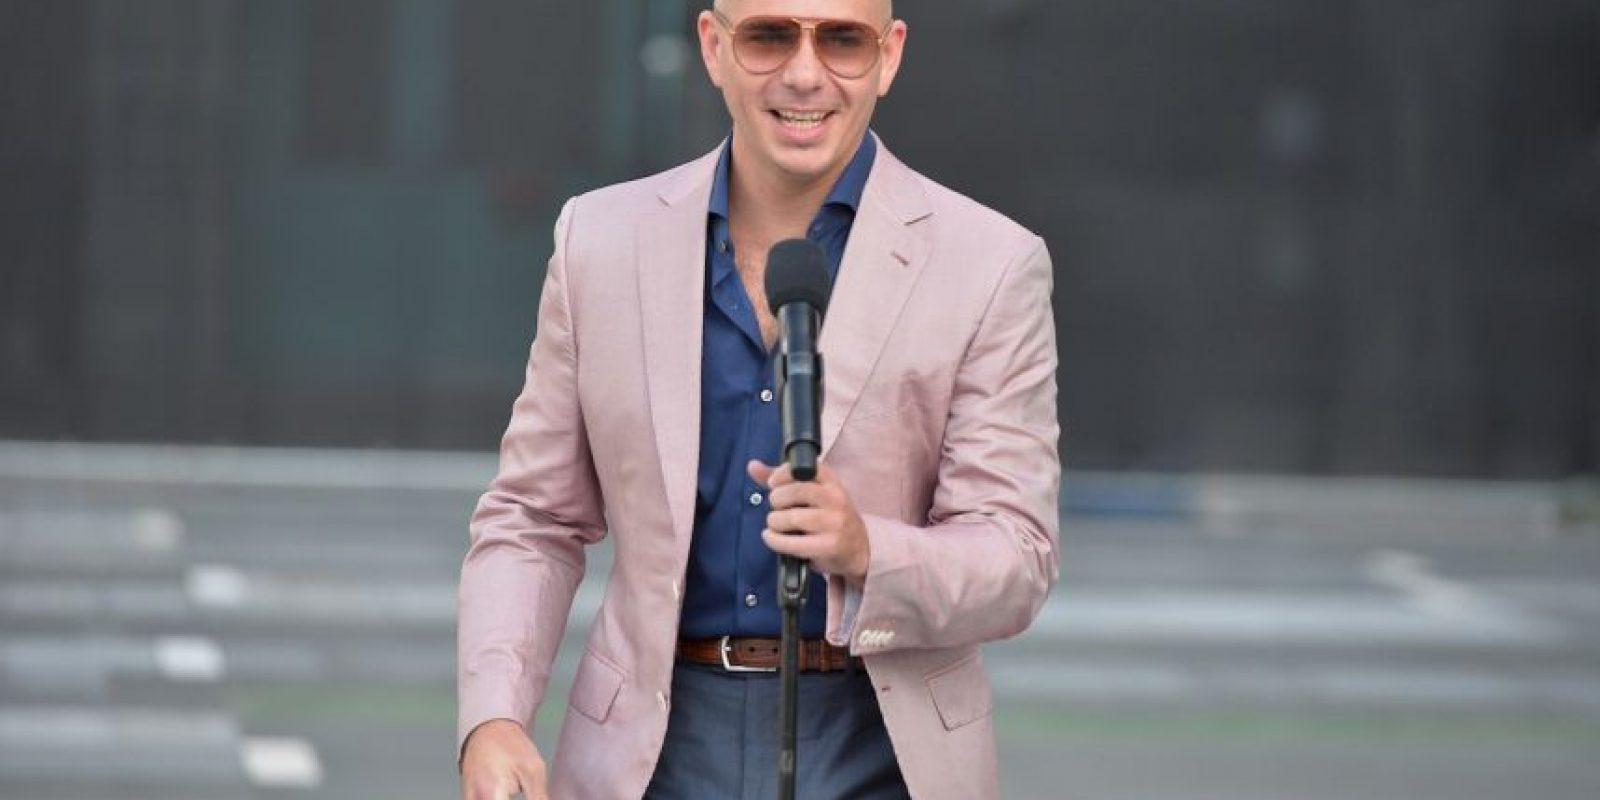 El rapero de origen cubano rompió relaciones con el magnate estadounidense. Foto:Getty Images